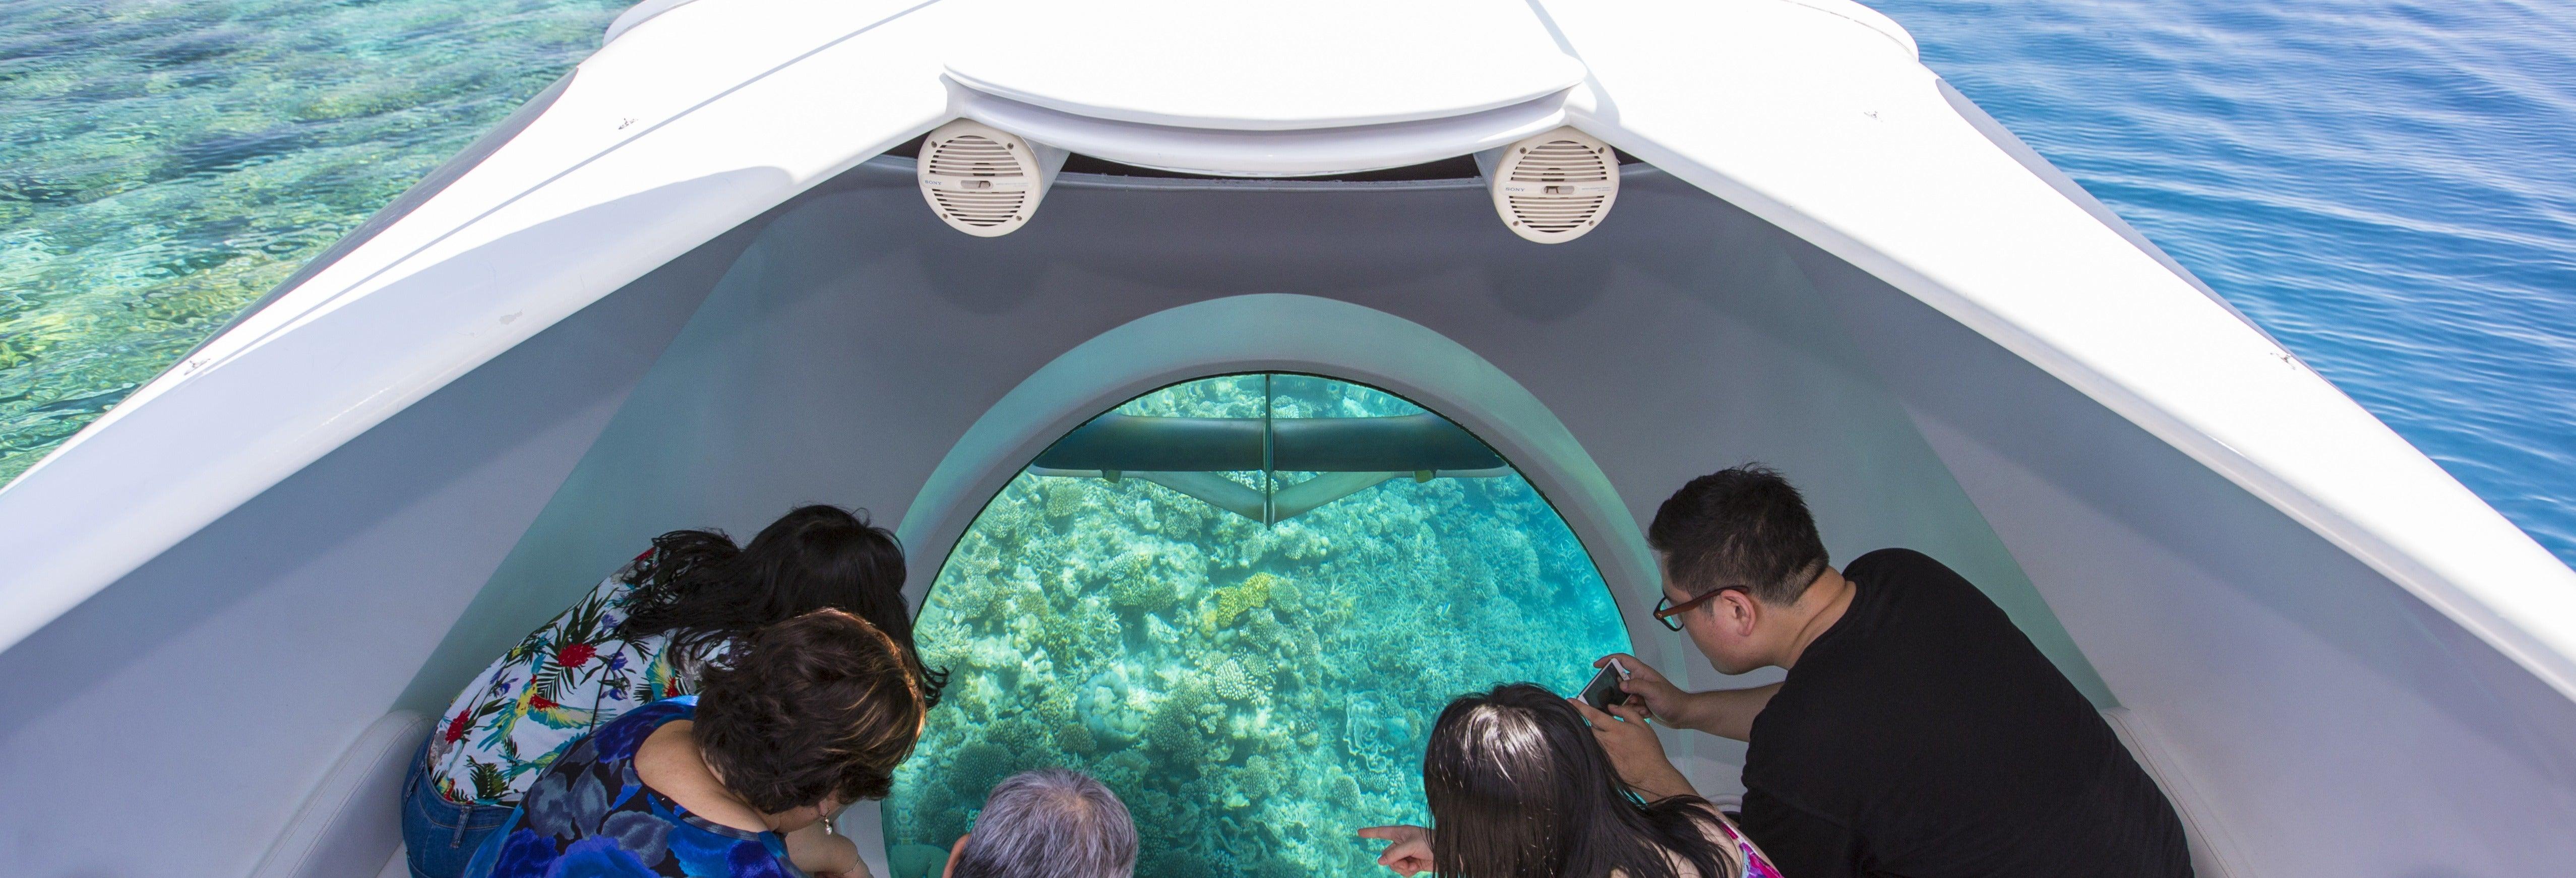 Giro in barca con fondo di vetro